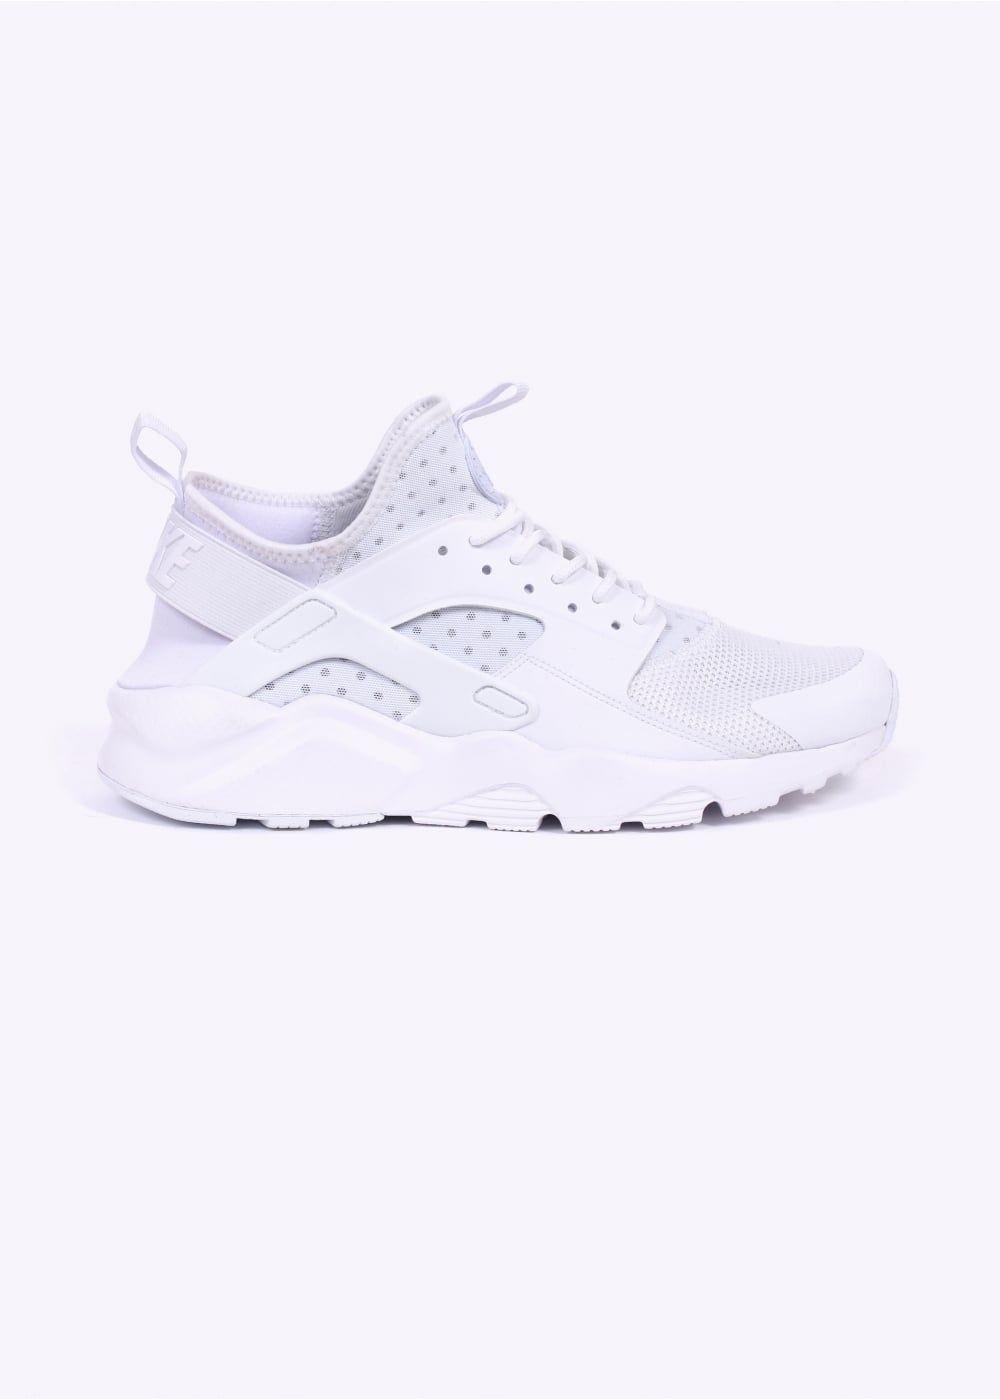 1469f89e35101c Nike Footwear Air Huarache Run Ultra - White